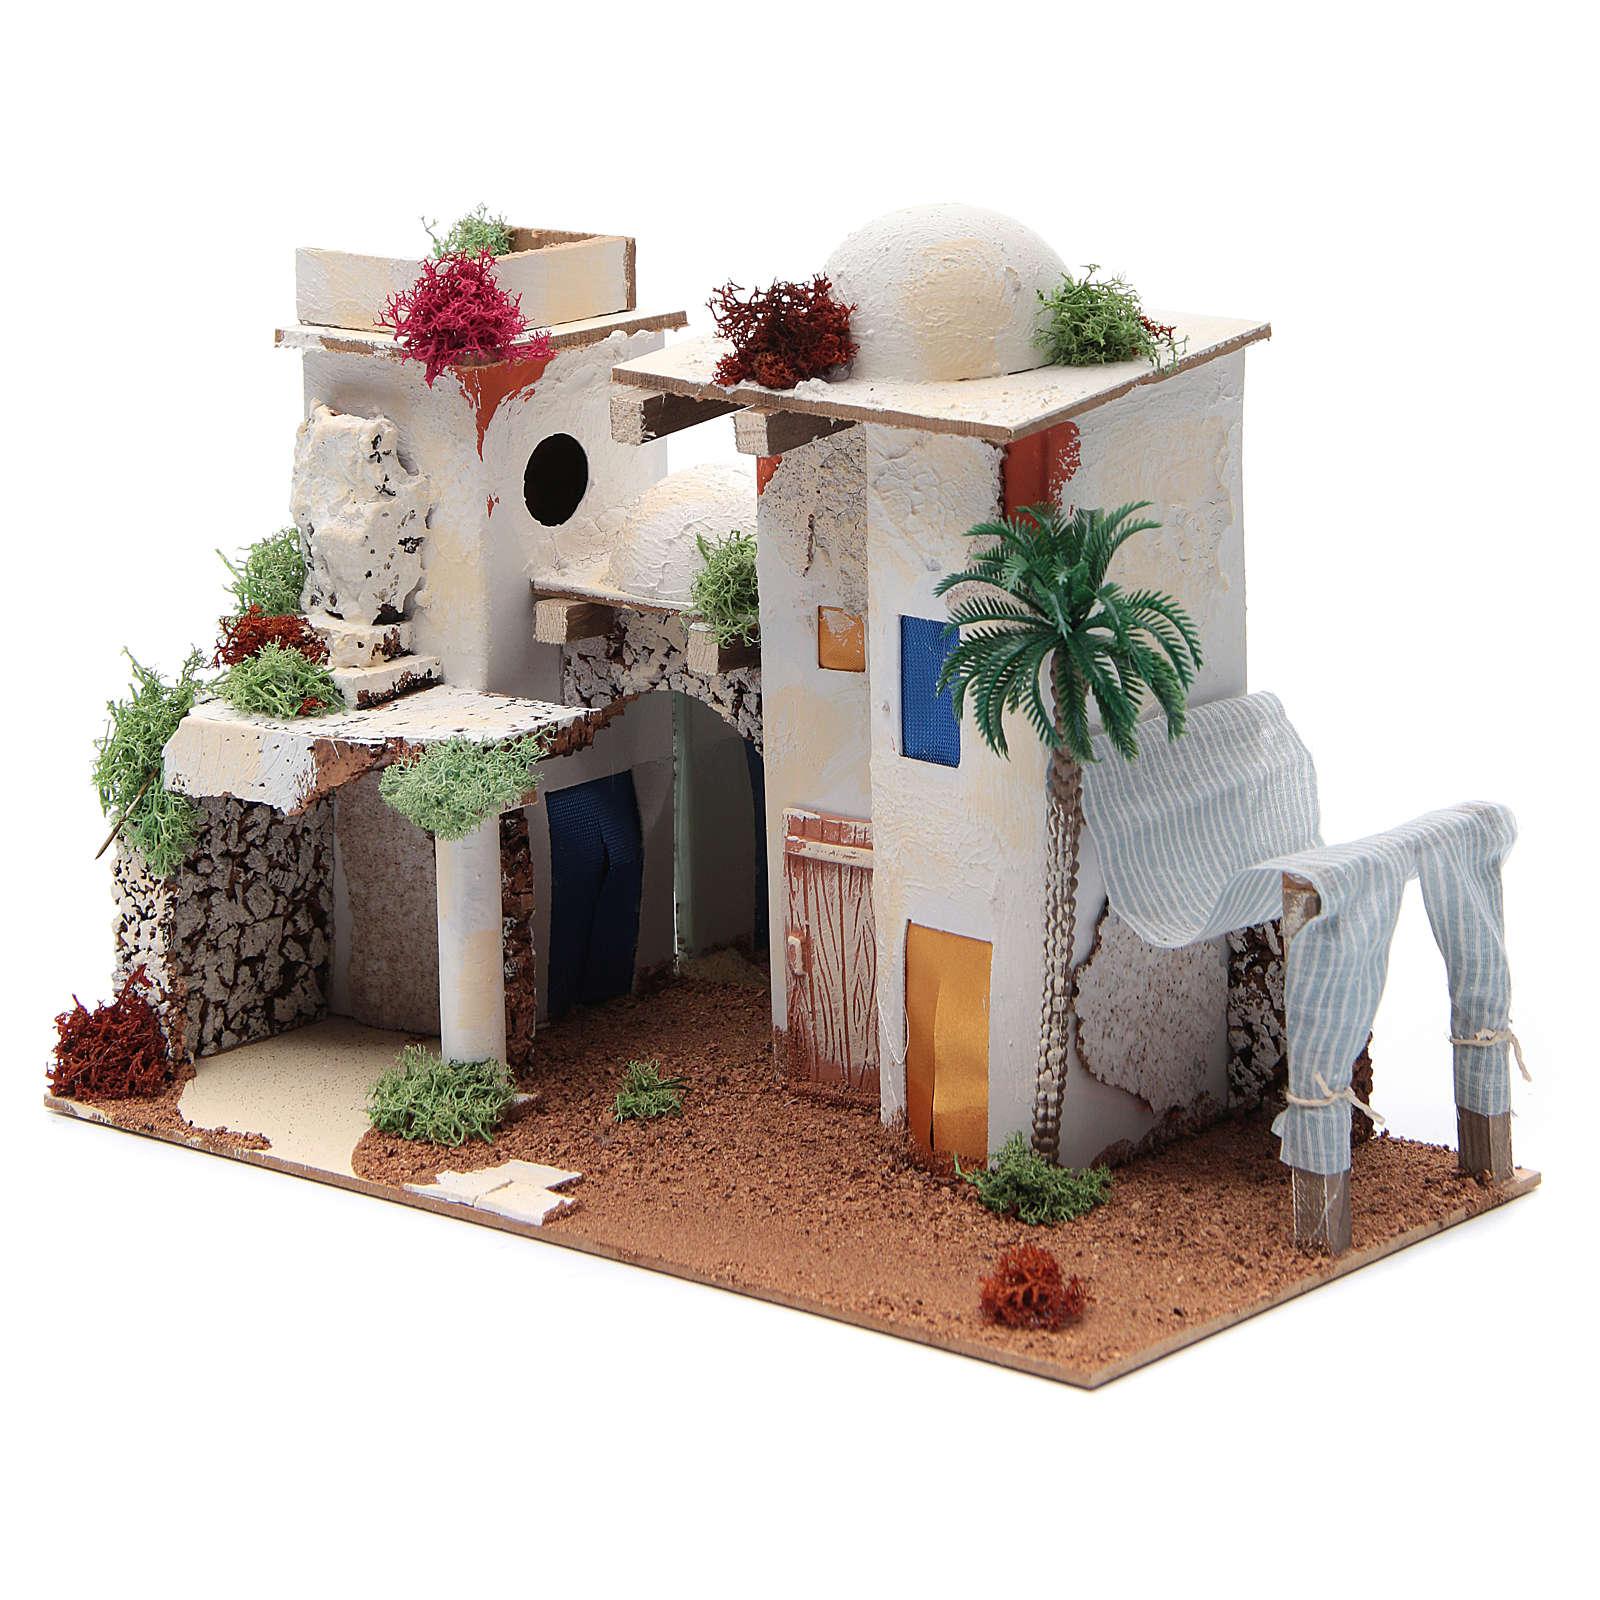 Arabian house with mirror, sized 25x35x20cm 4